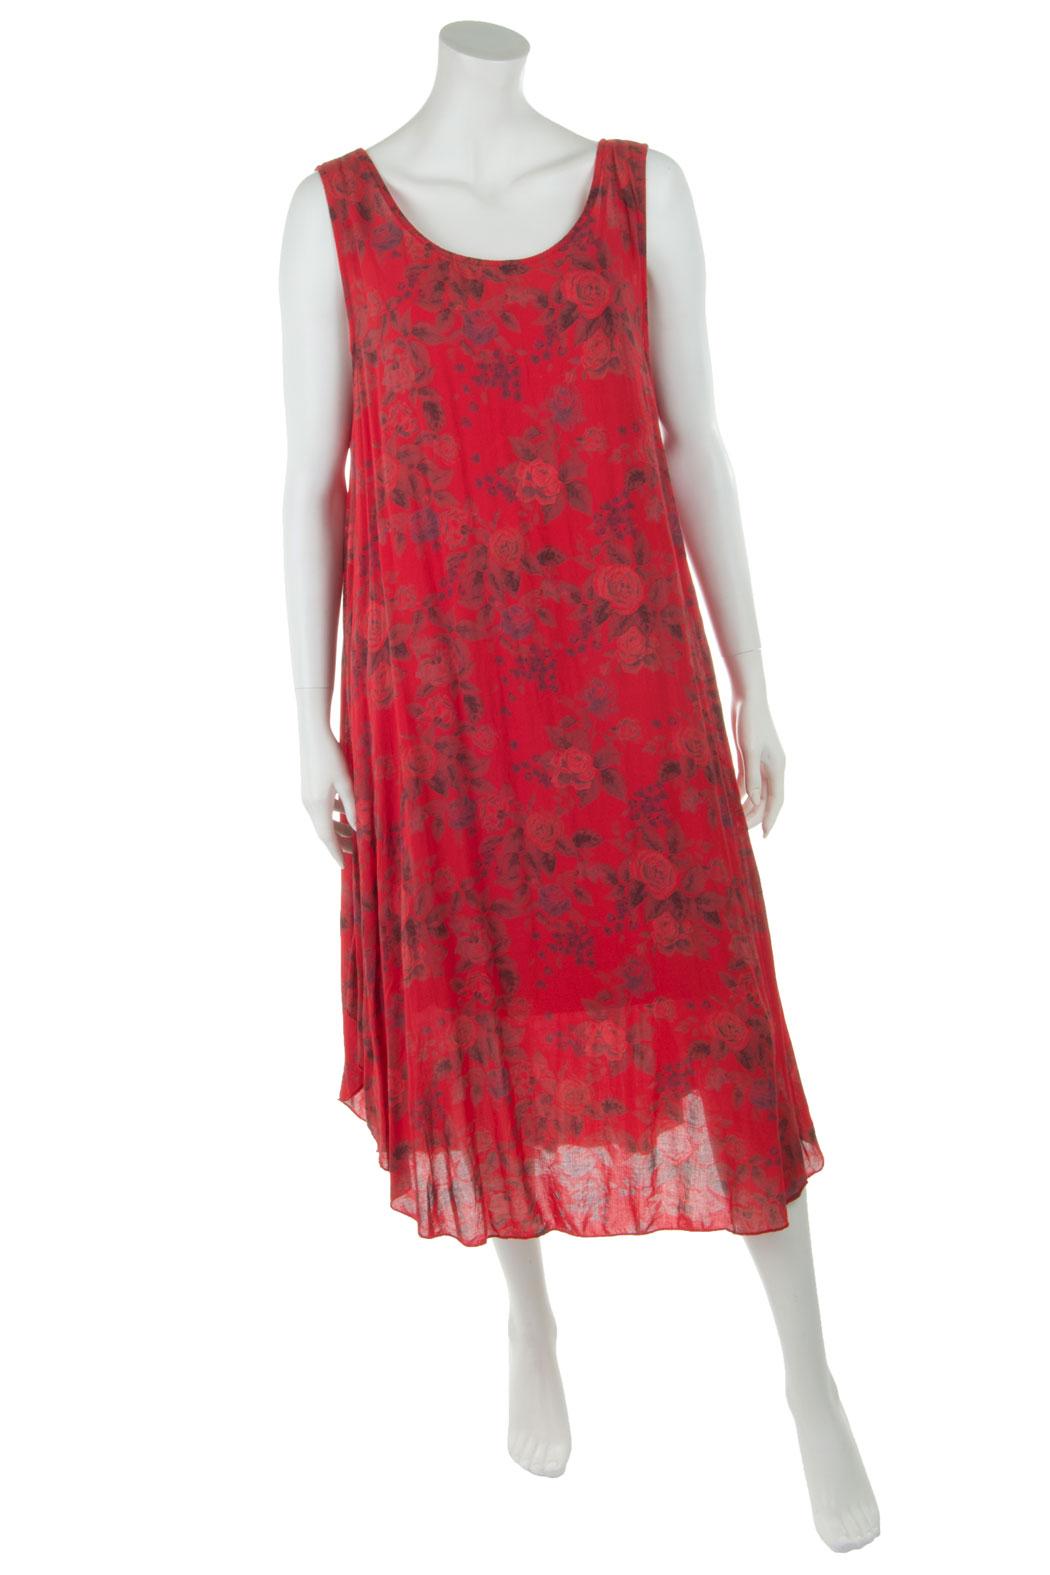 details zu leichtes sommerkleid für damen maxi-kleid viskose viele farben  40 42 44